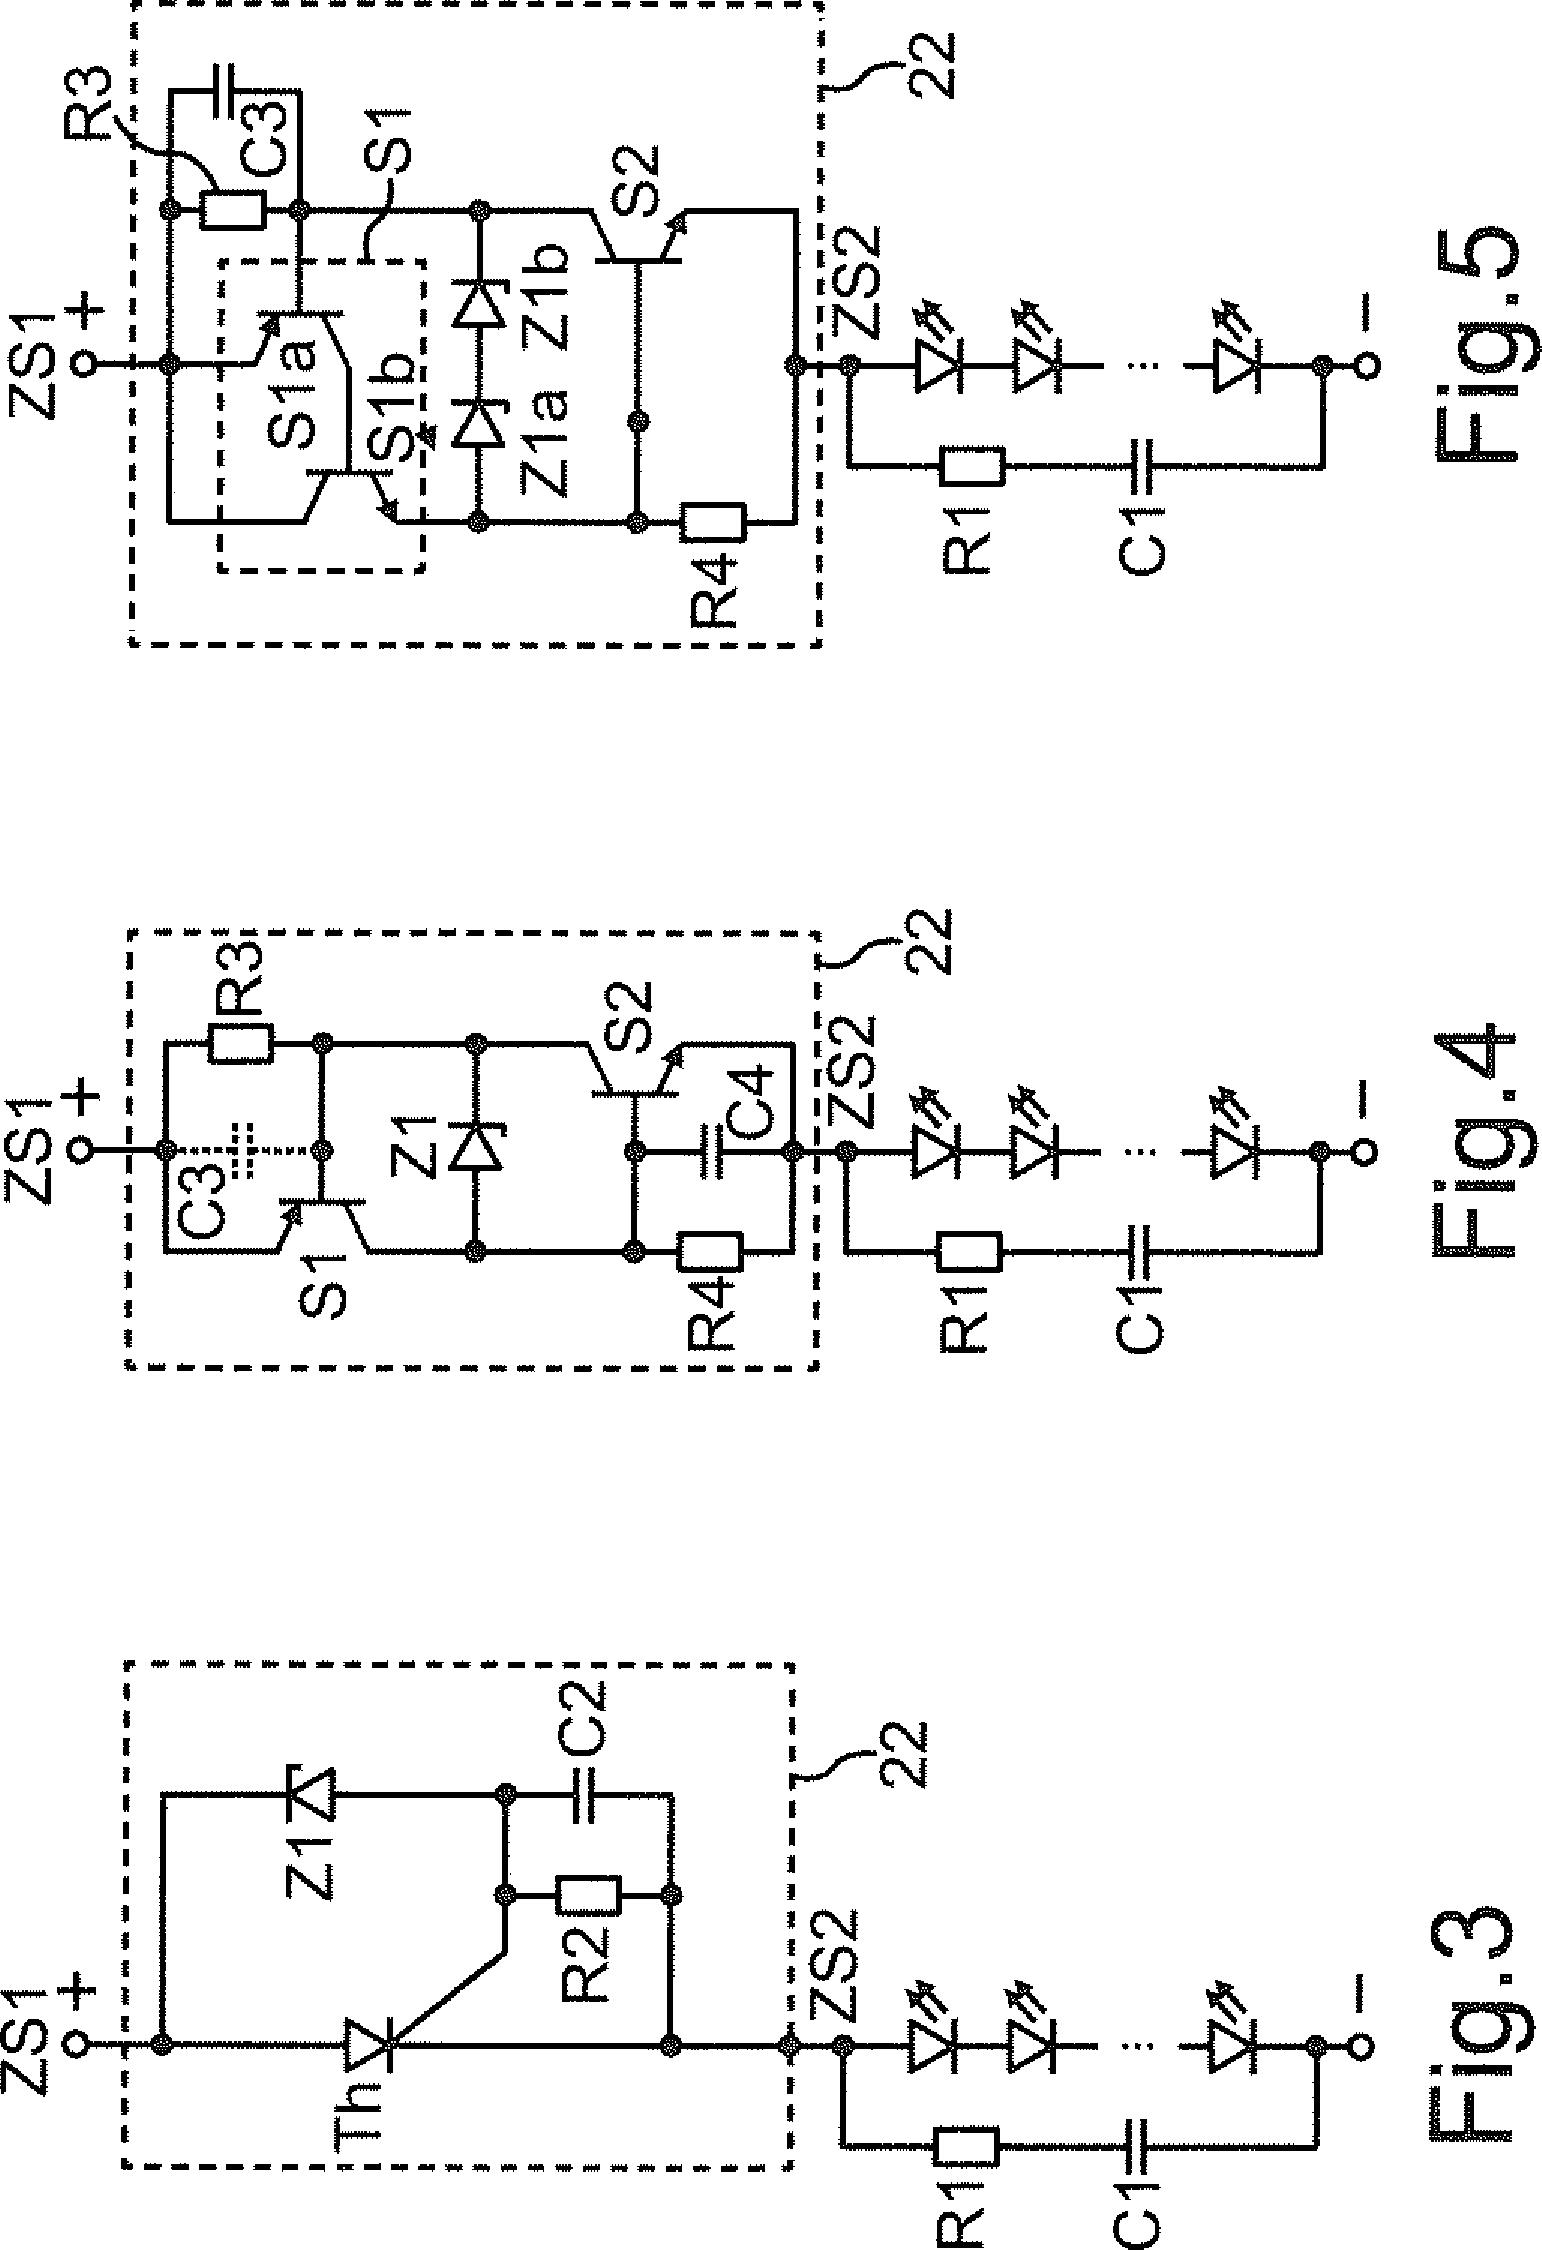 DE102012215786A1_0003 Spannende Elektronisches Vorschaltgerät Leuchtstofflampe Schaltplan Dekorationen